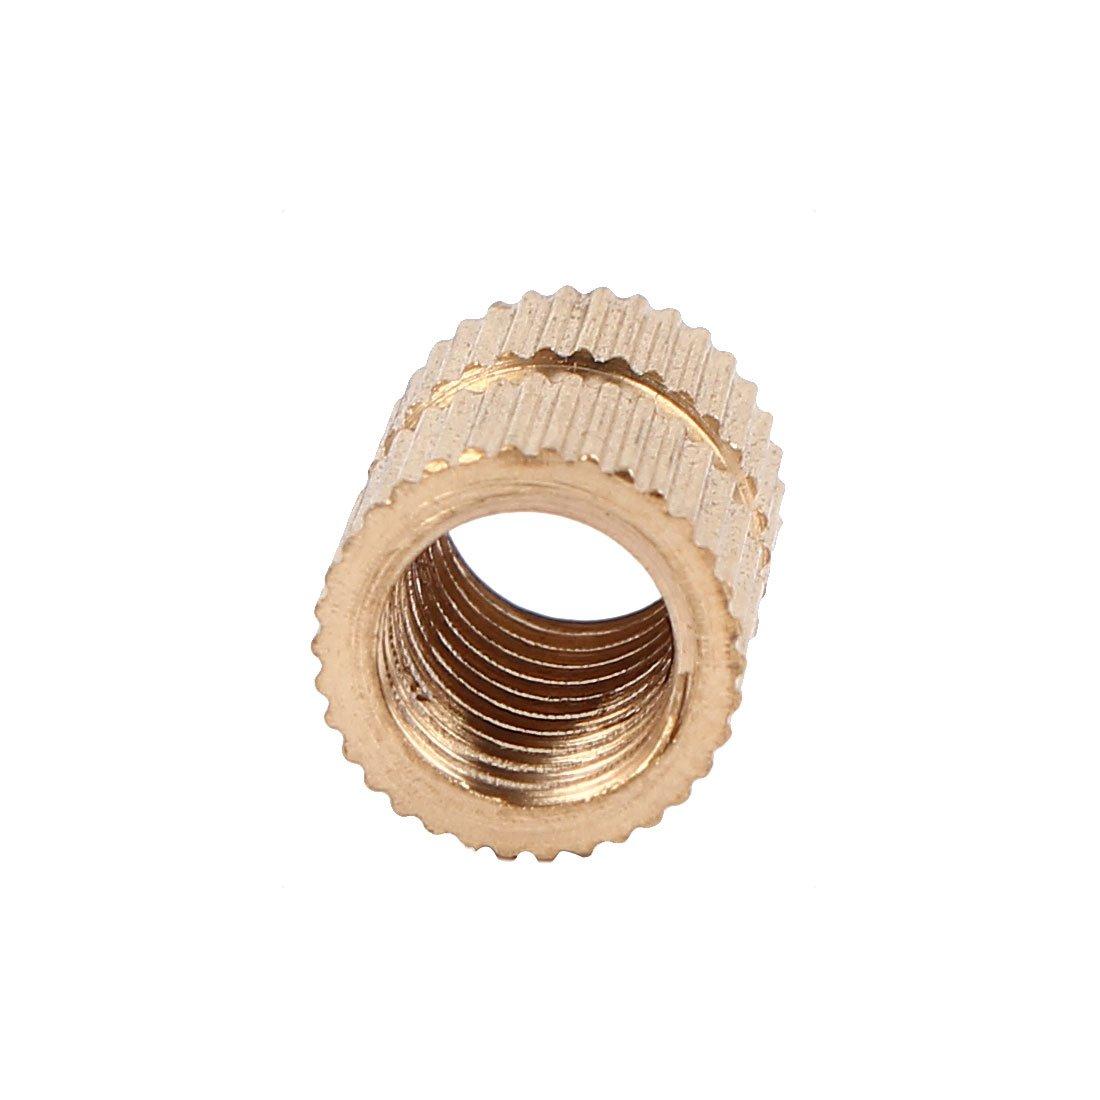 acero niquelado, M4 x 26-35 mm, 100 unidades Tornillos de conexi/ón para muebles con casquillo HEXATON